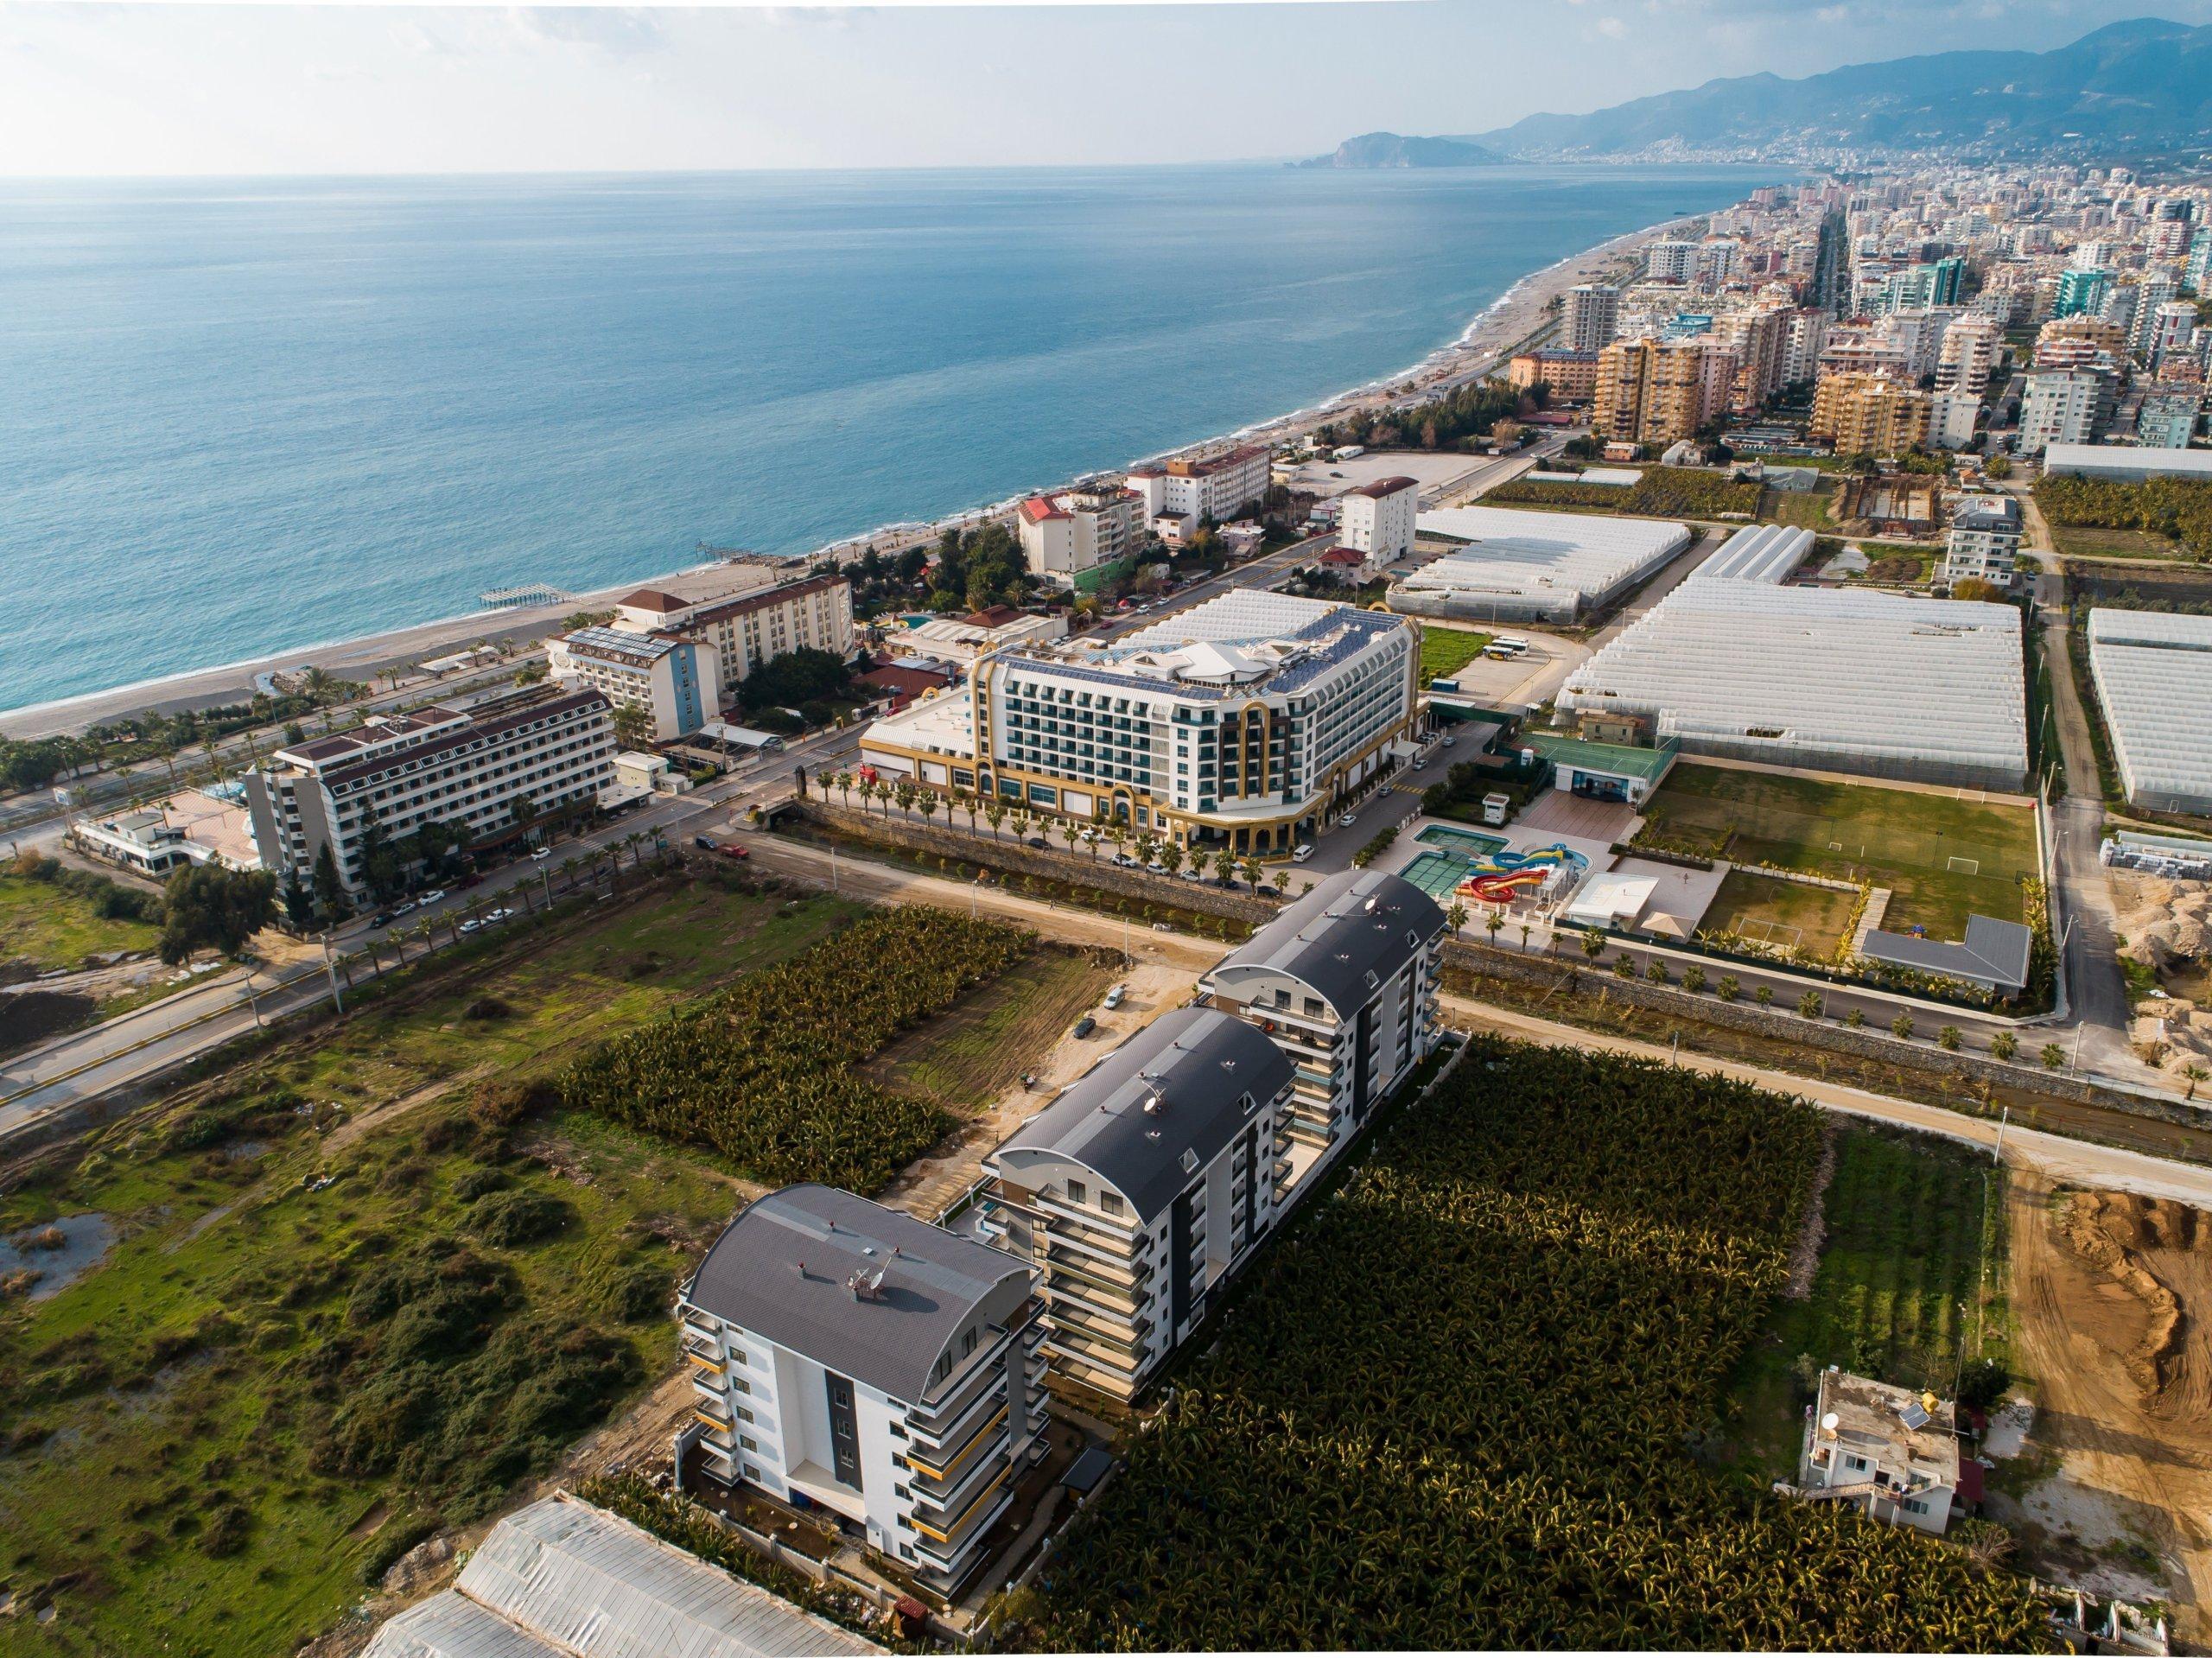 Квартира 1+1 в современном элитном комплексе у самого моря